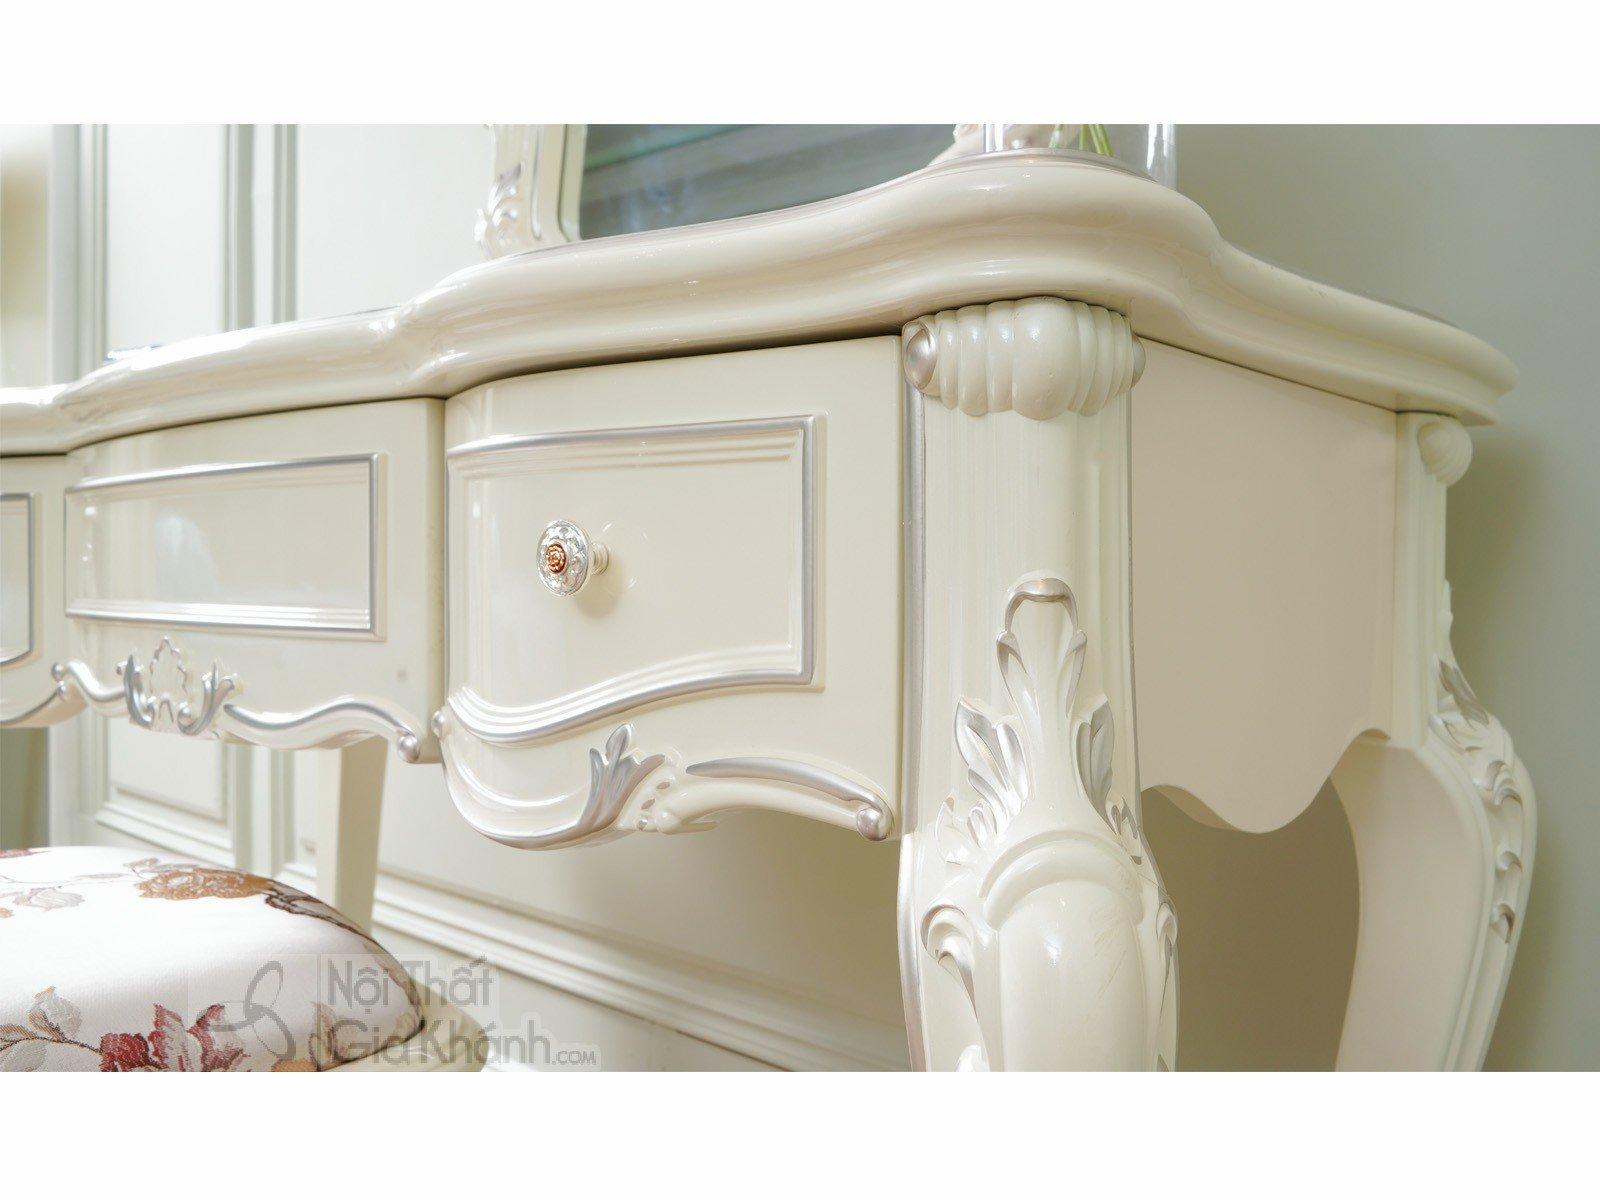 bo ban trang diem H8801C 1200x498x1800 6 - Bàn trang điểm cô dâu màu trắng gỗ BD8801H